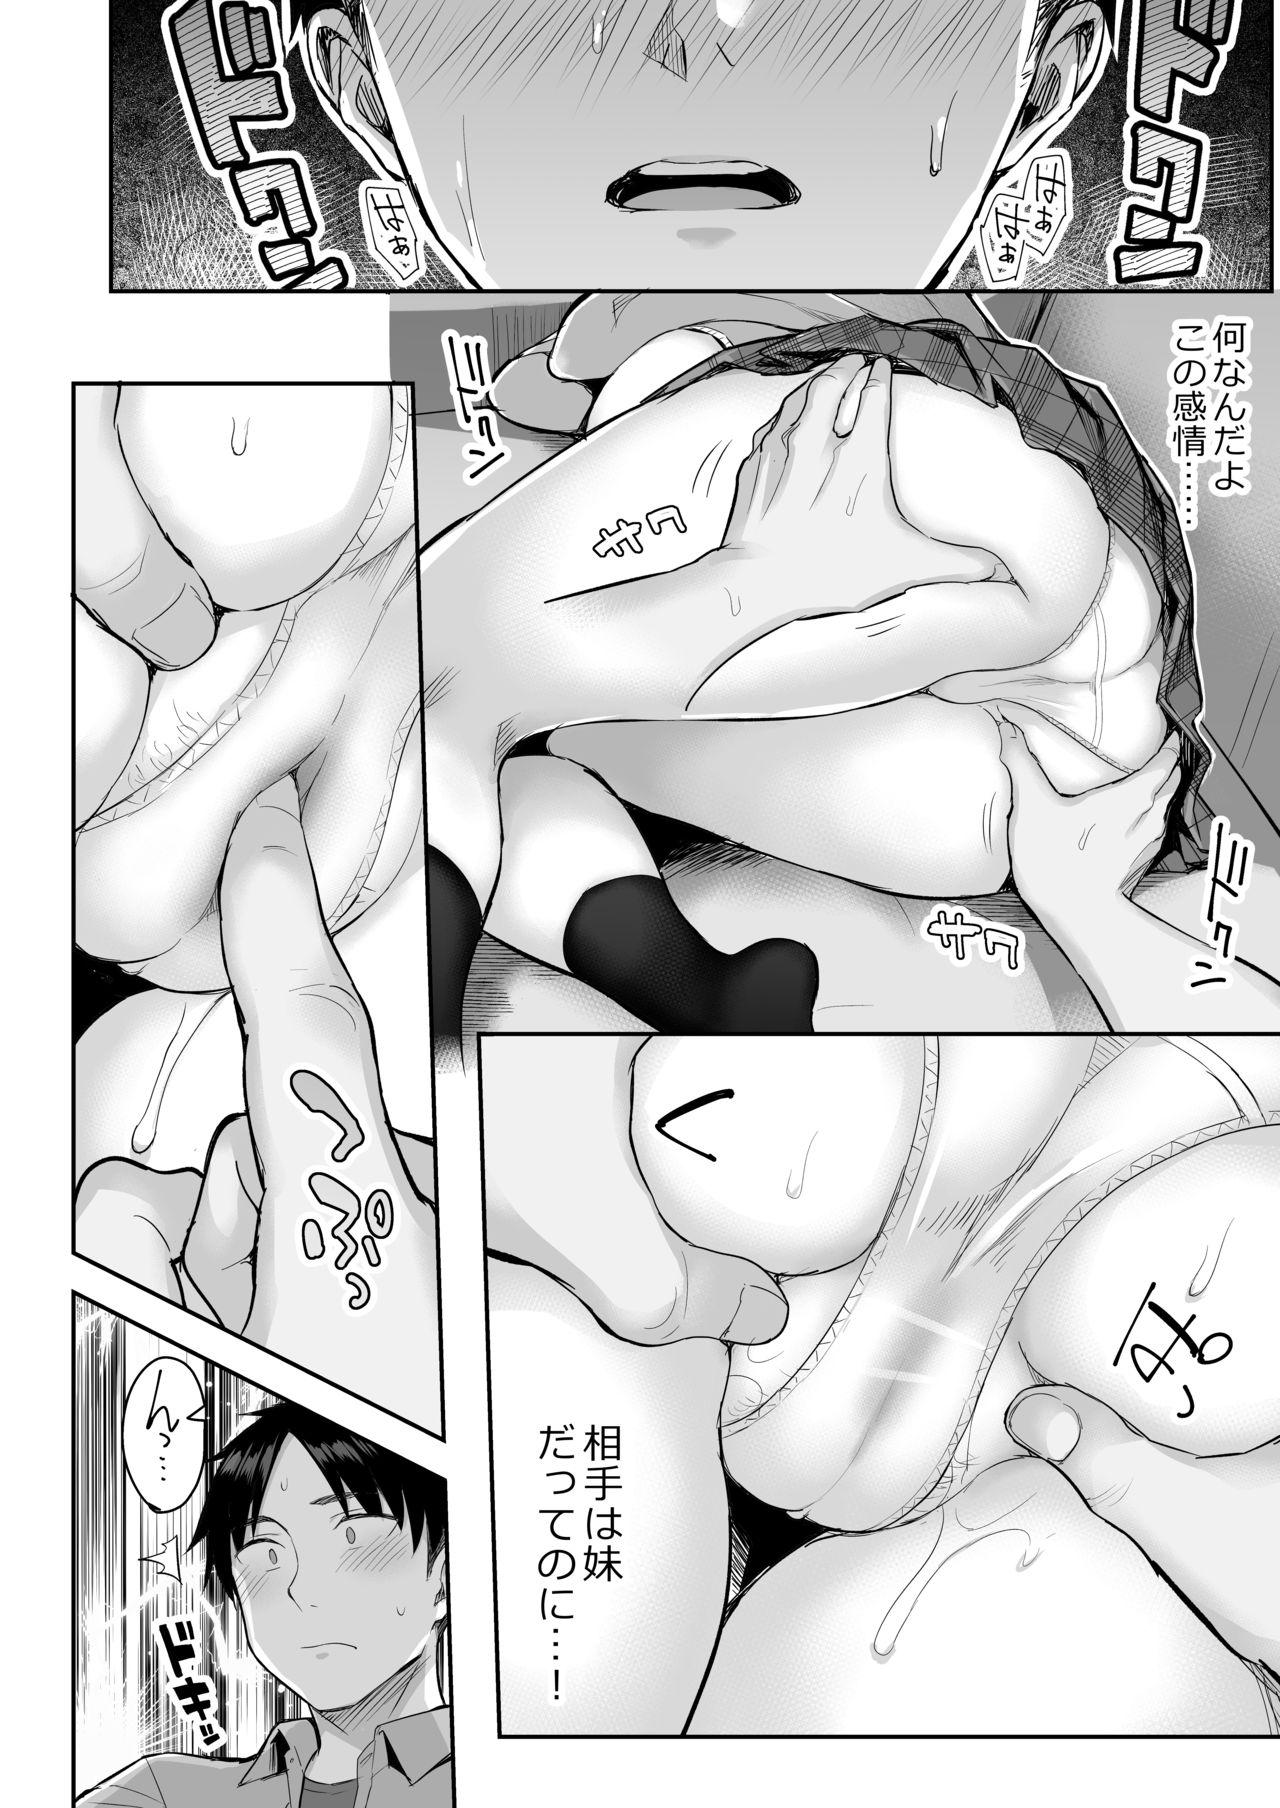 Moto InCha no Kyonyuu Yariman Imouto ga Erosugite, Onii-chan wa Mou...!! 8